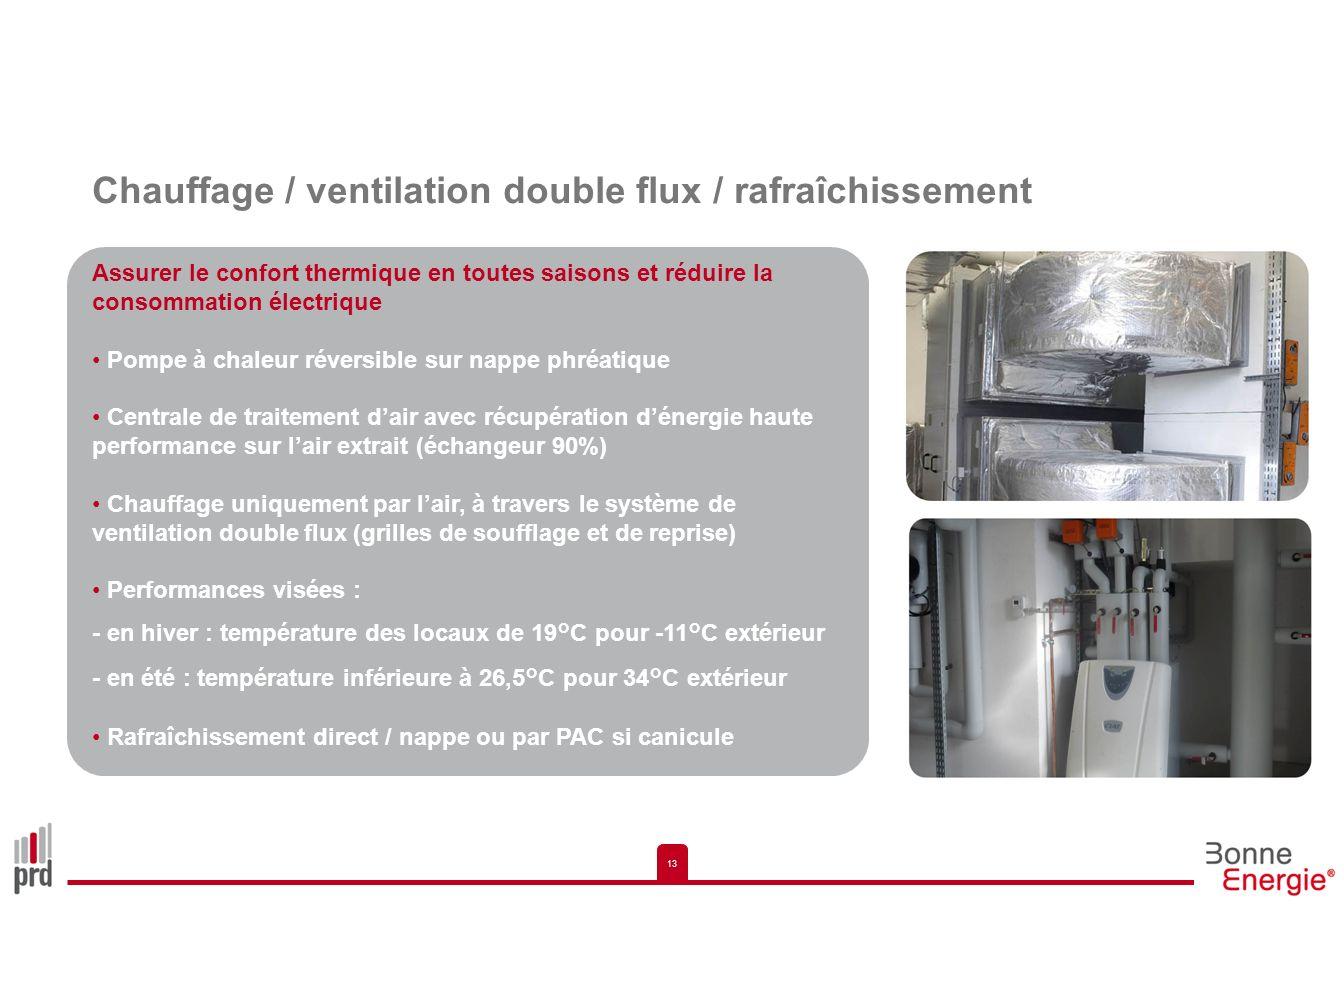 Chauffage / ventilation double flux / rafraîchissement